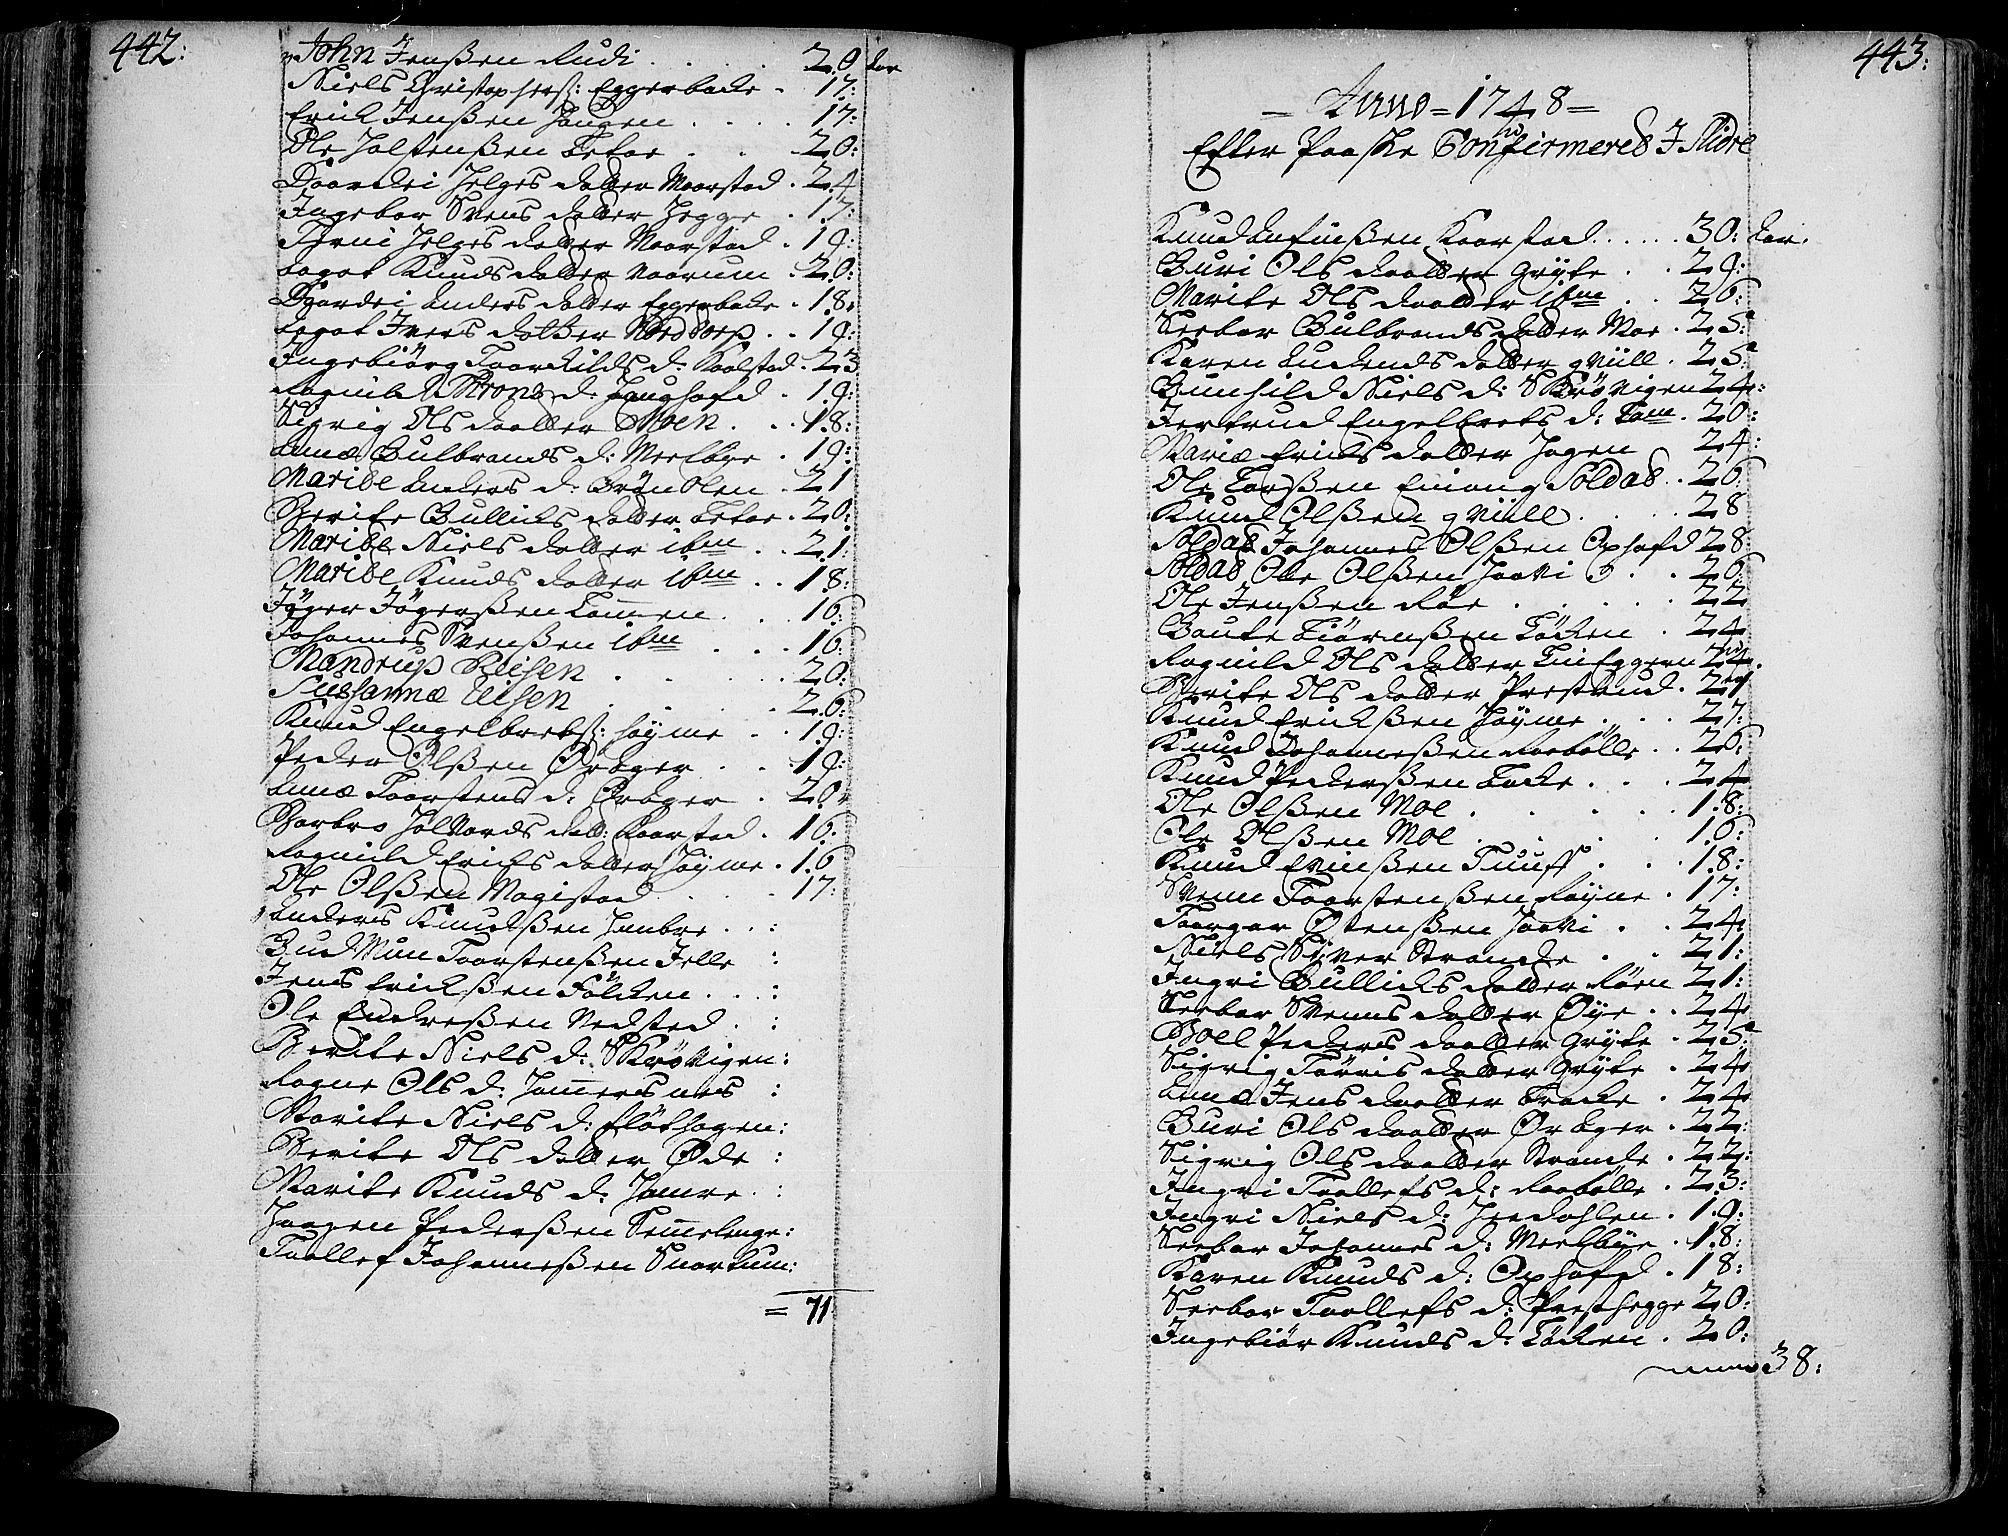 SAH, Slidre prestekontor, Ministerialbok nr. 1, 1724-1814, s. 442-443